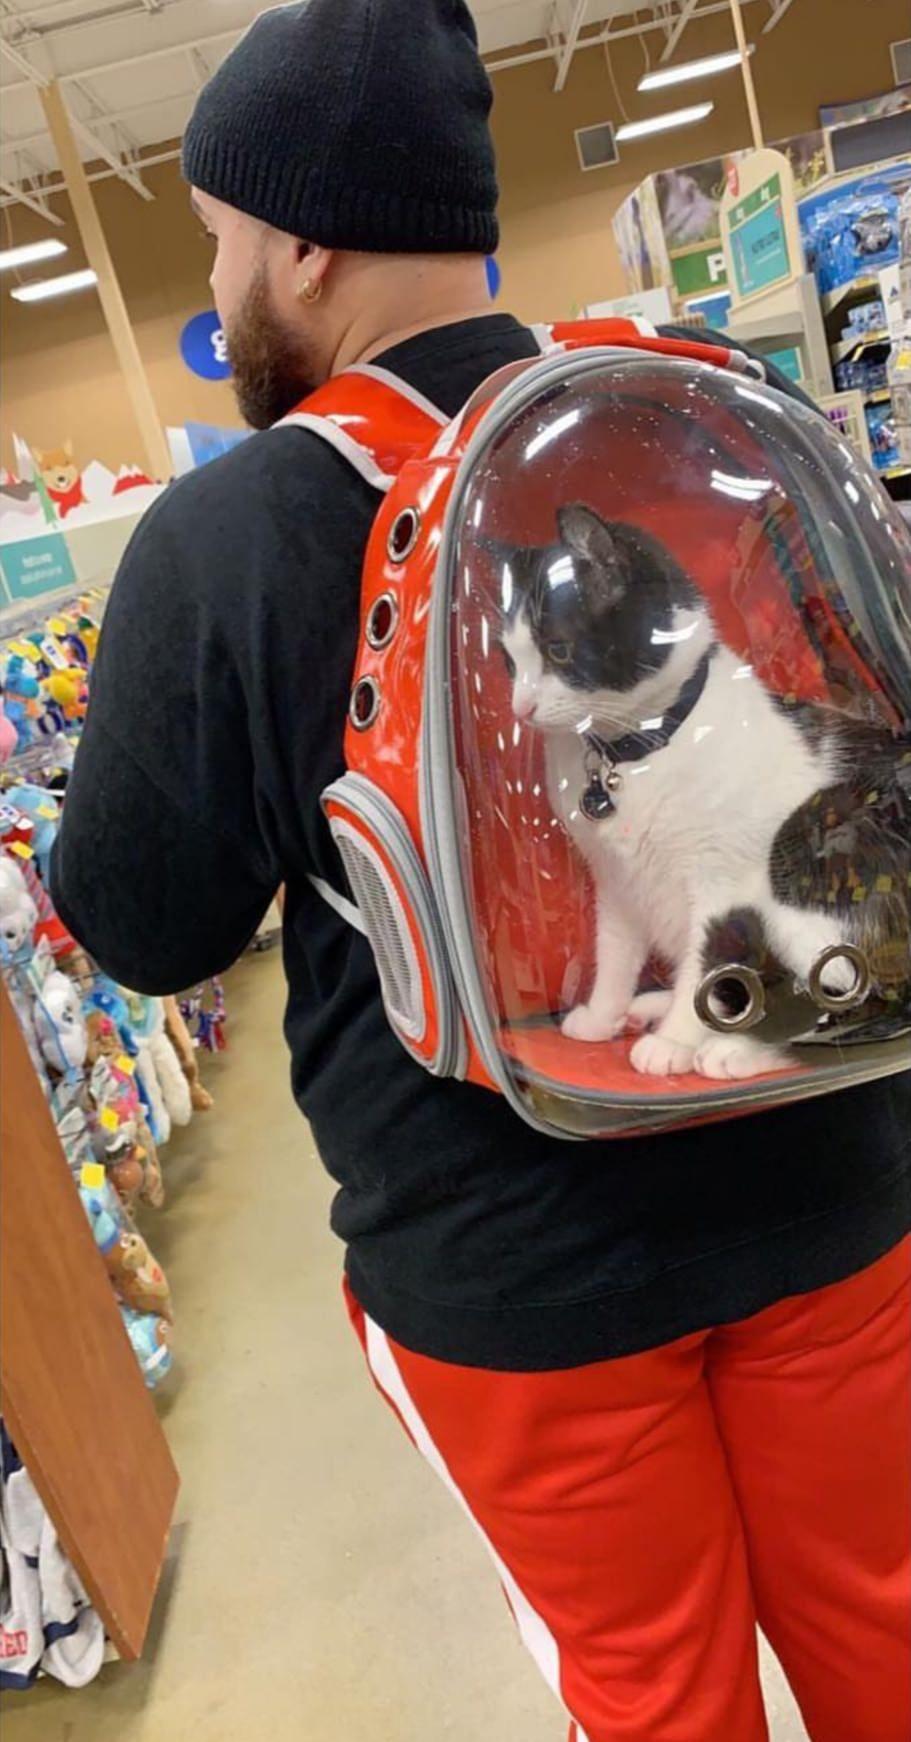 My buddy got a Catpack!https//ift.tt/2PKGxoX Funny